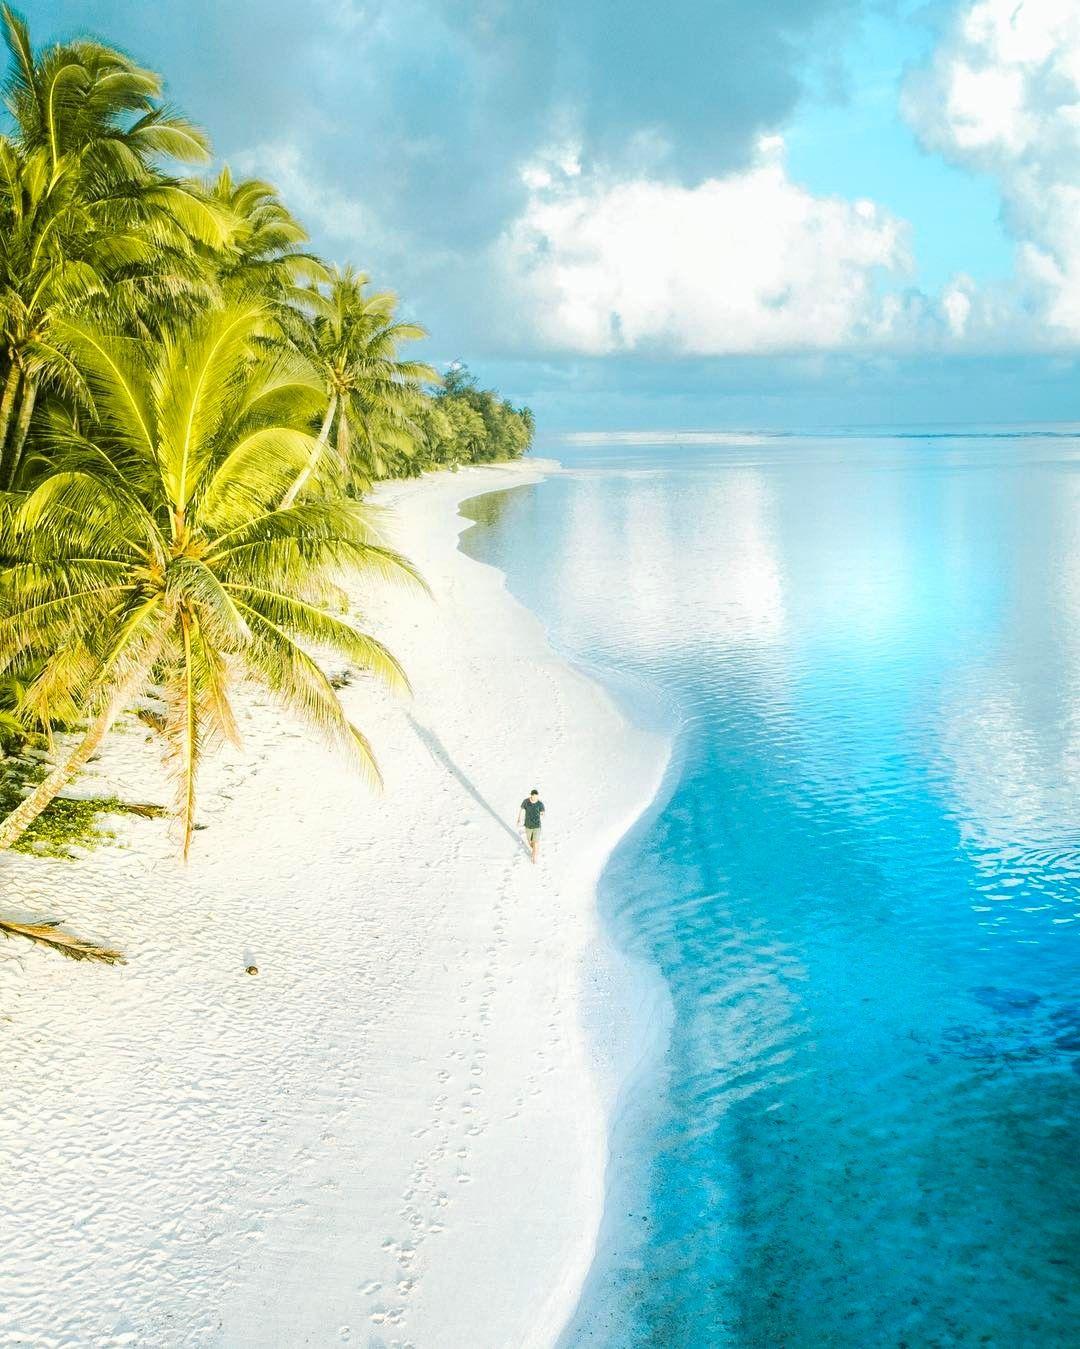 Cook Islands Rarotonga Beach: Rarotonga, Cook Islands, Ph: Eric Rubens